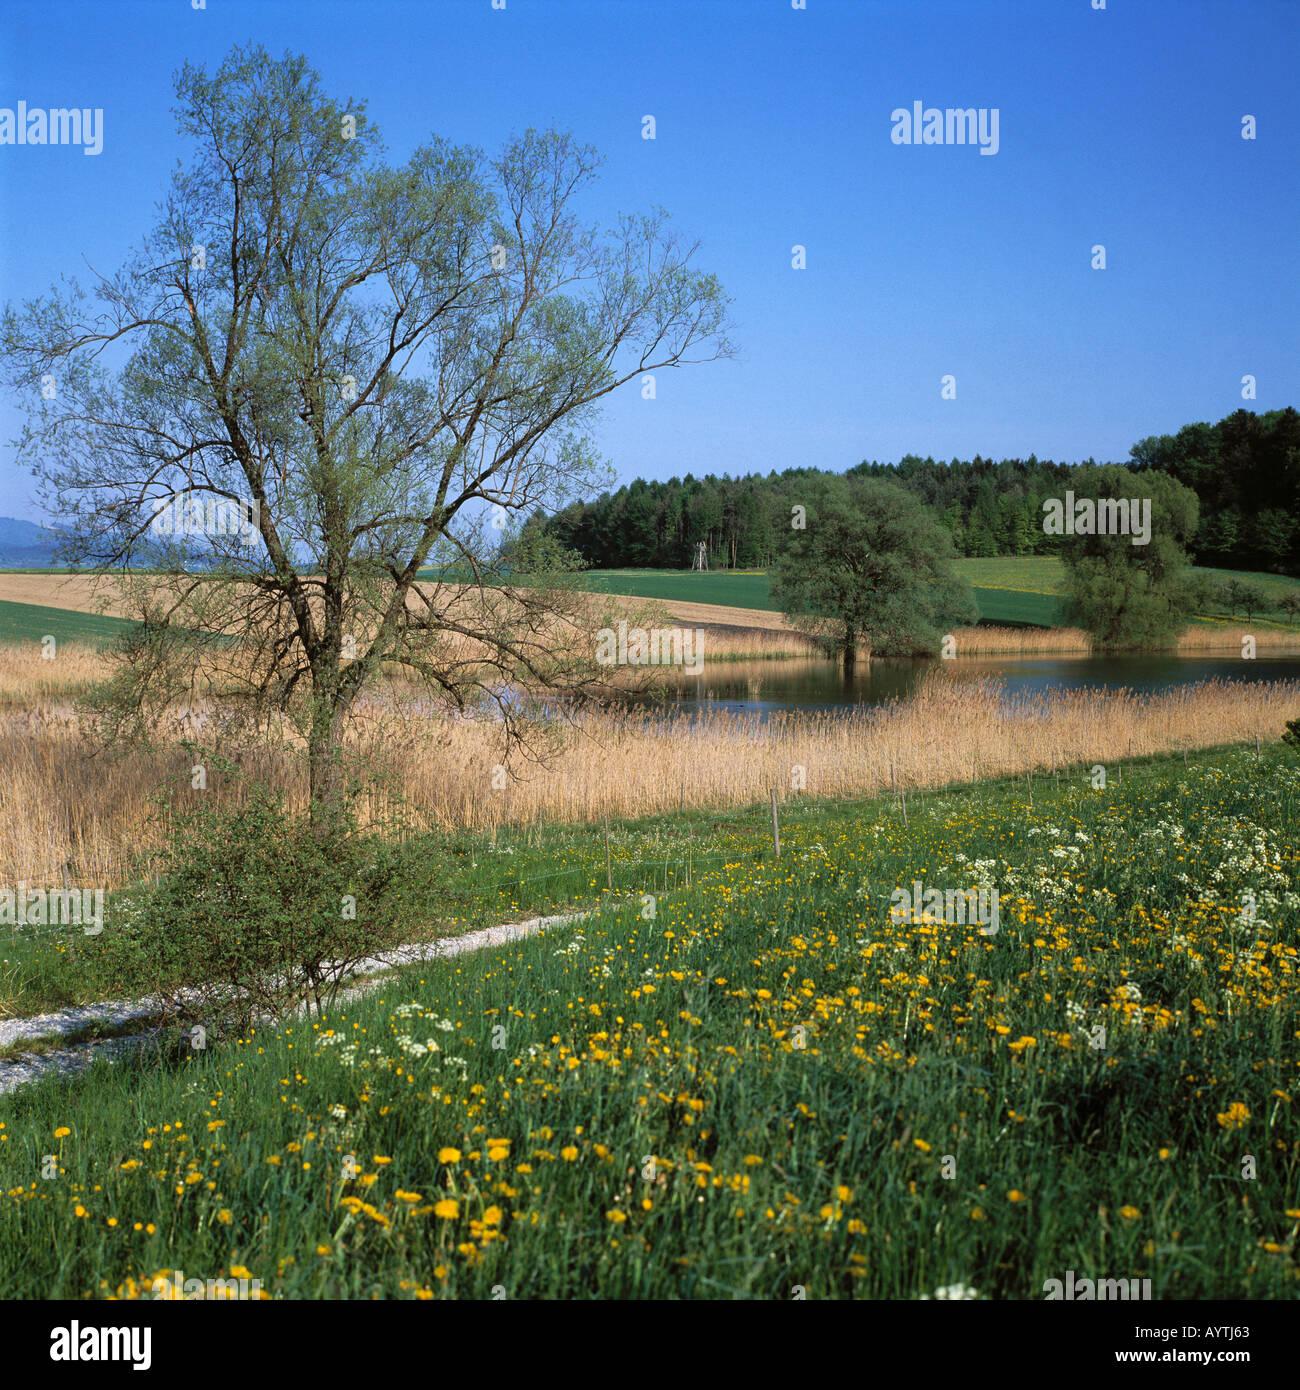 Wiesenlandschaft, huegelige Landschaft mit kleinem See, Killenweiher, Salem, Linzgau, Bodensee, Baden-Wuerttemberg - Stock Image